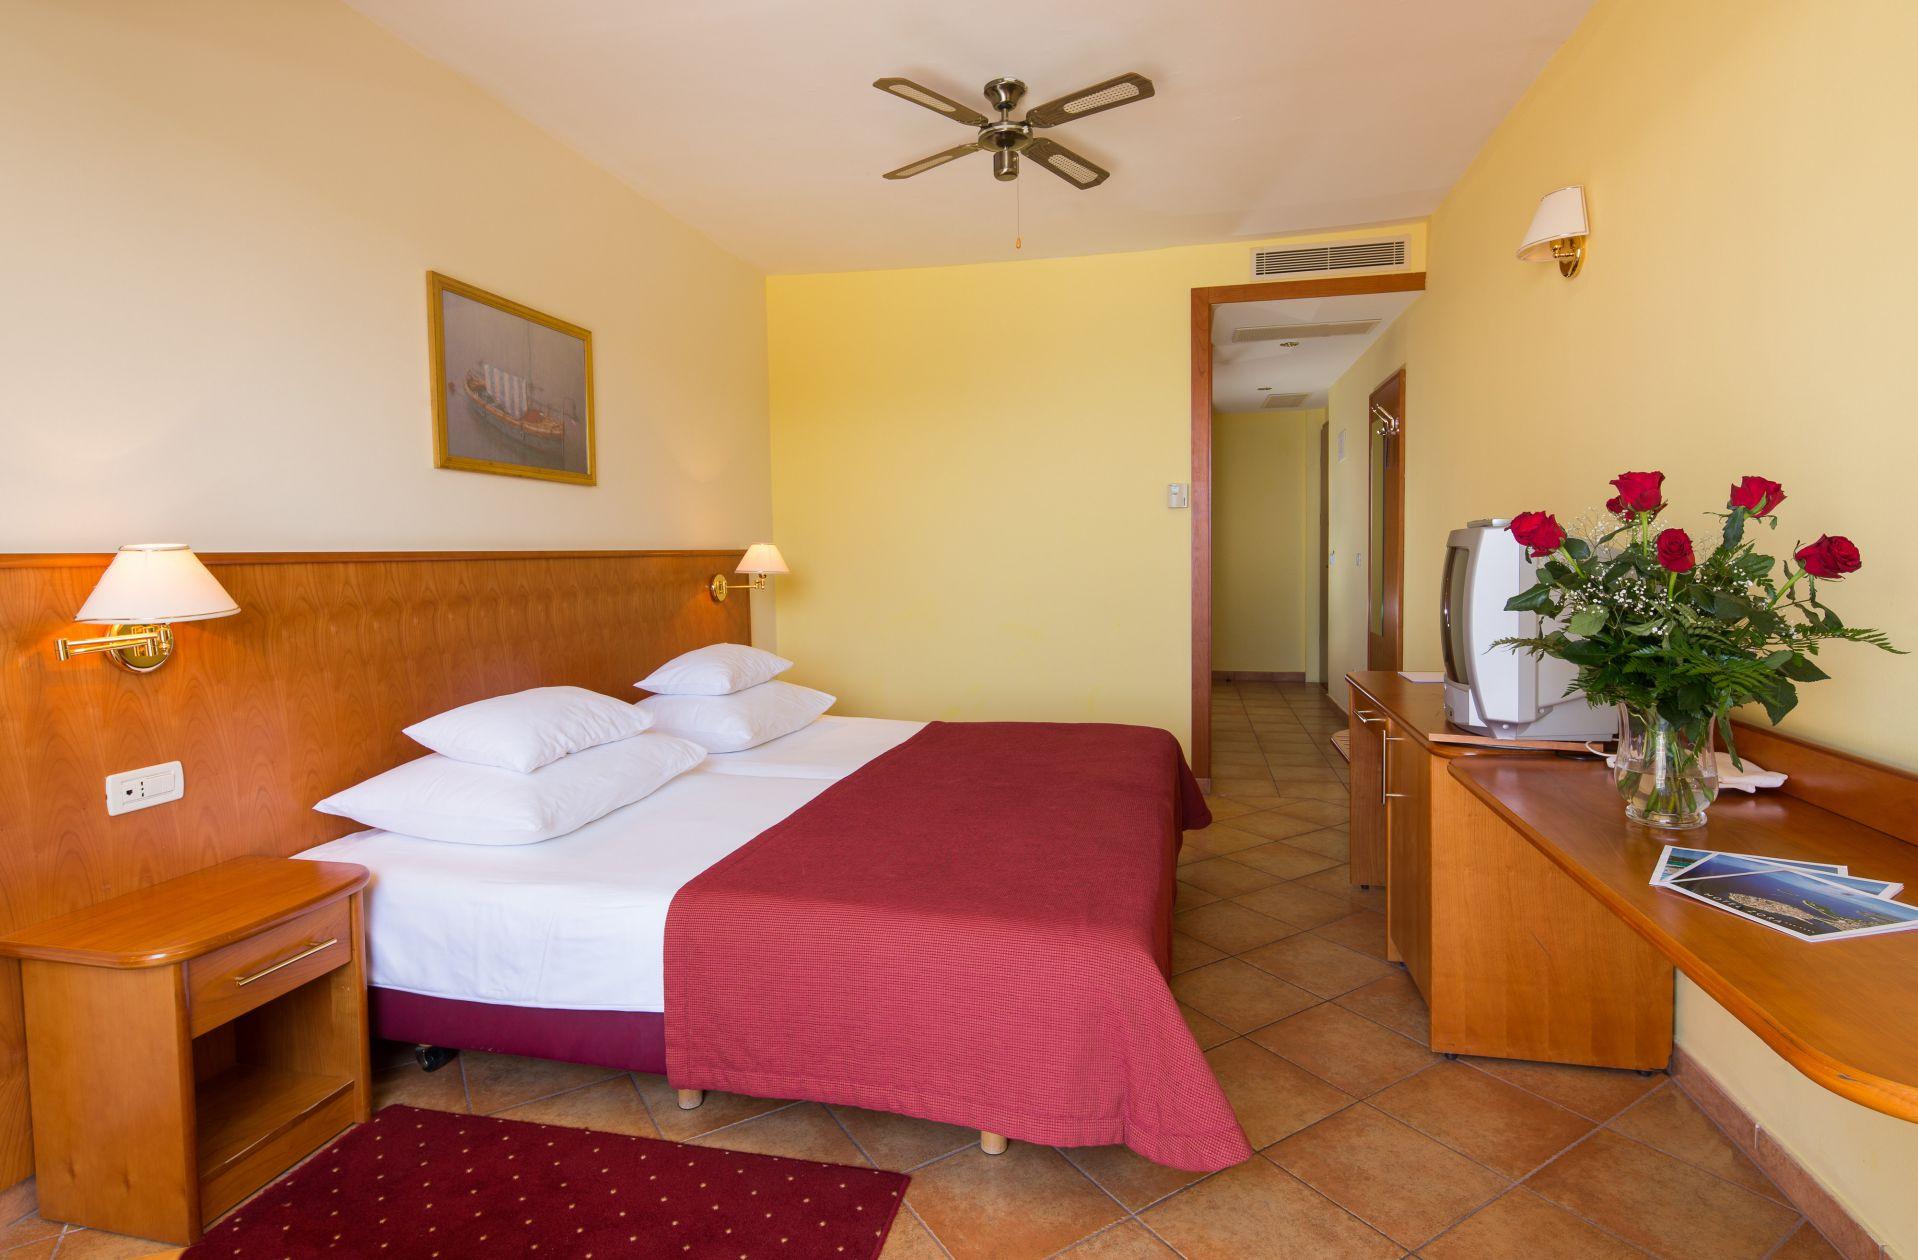 premier club family room 01 14825104552 o - Zora Hotel